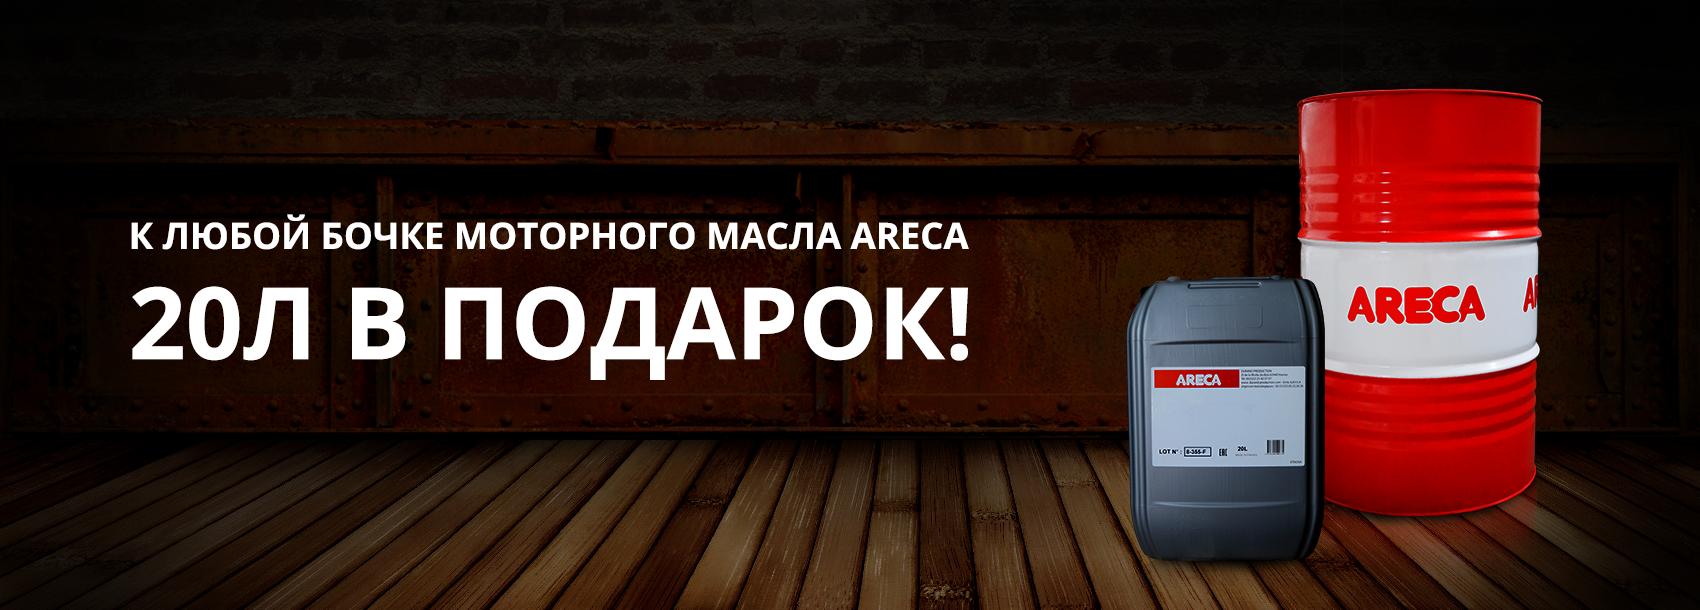 К любой бочке моторного масла Areca – 20 литров в подарок!